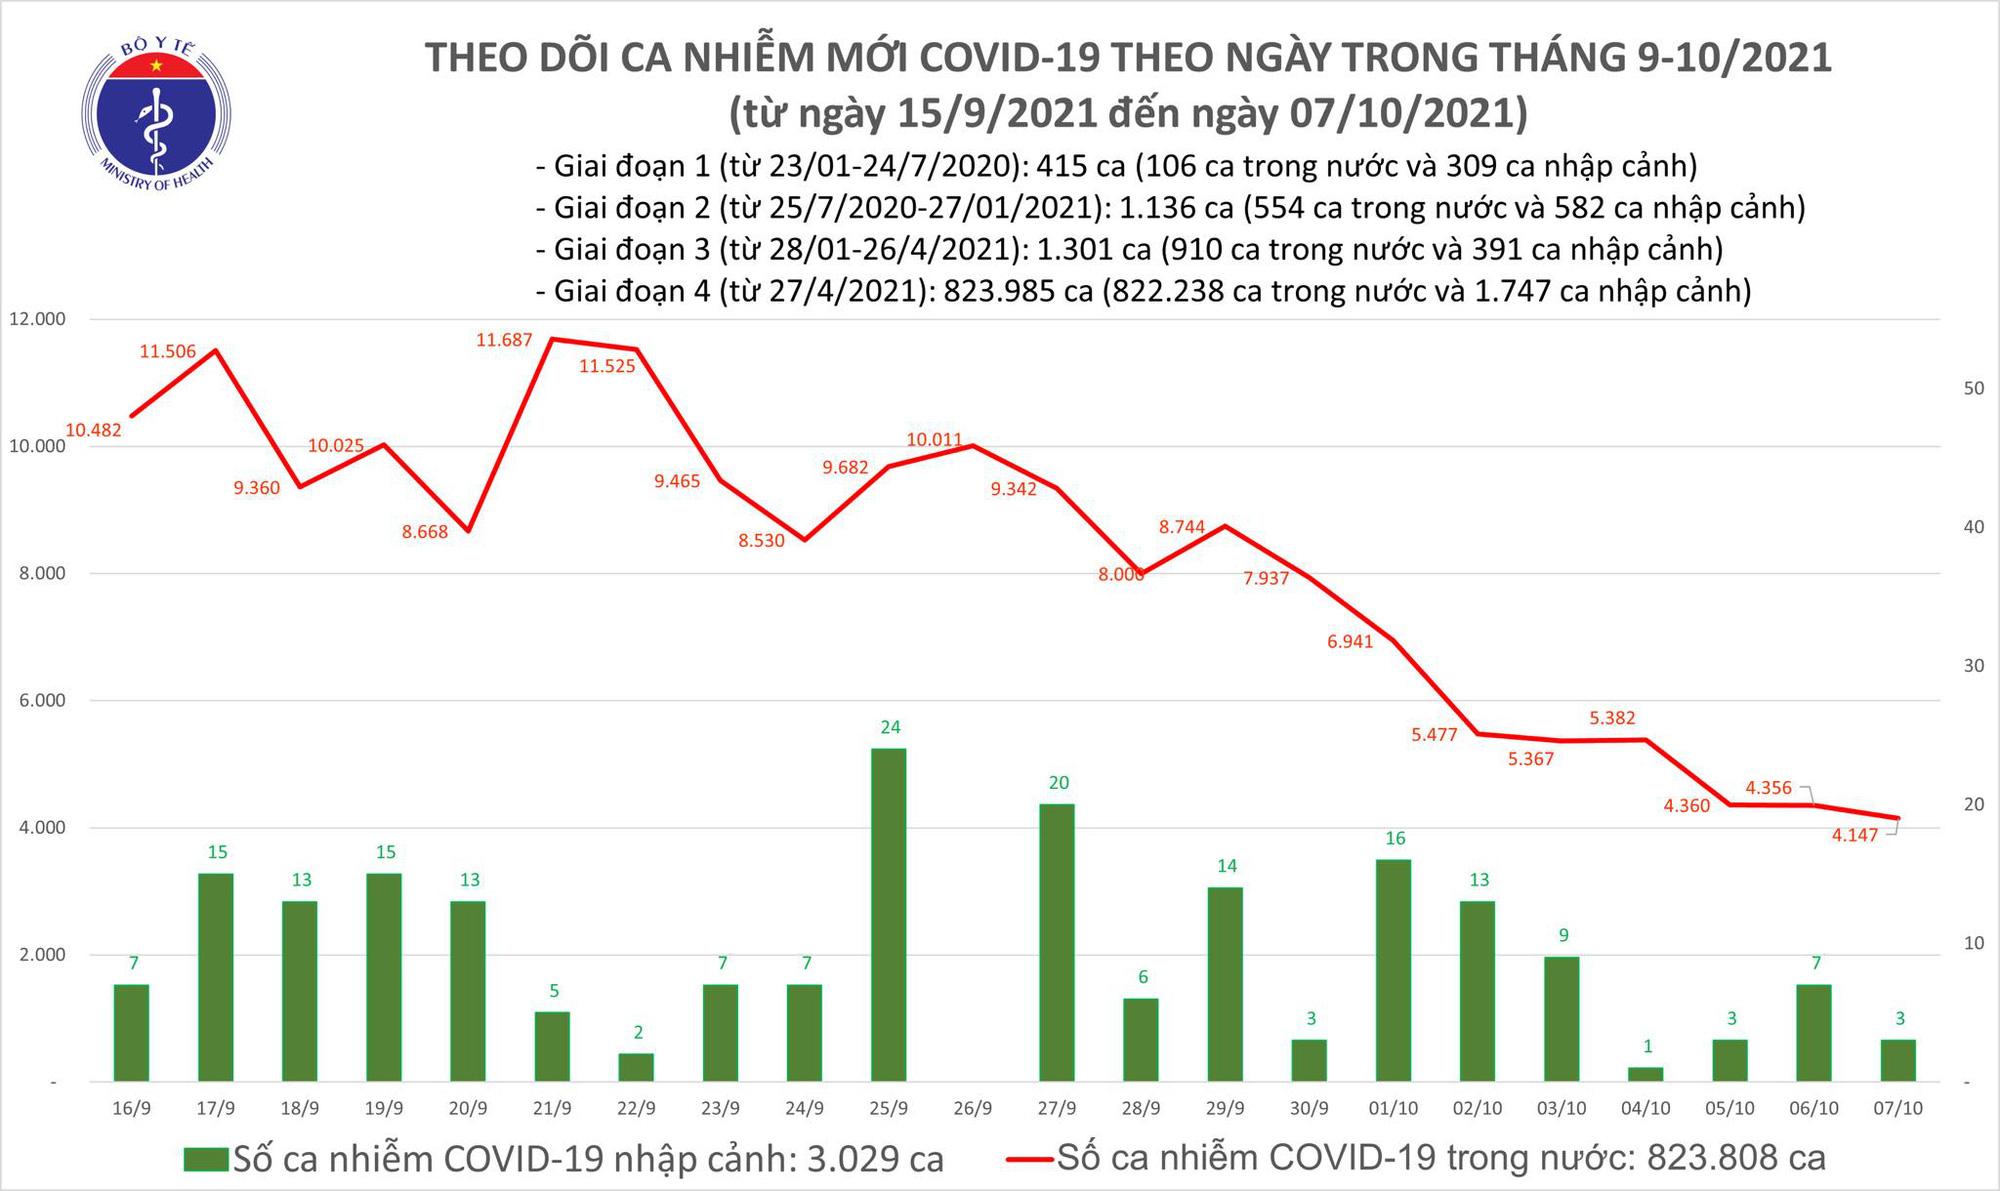 Ngày 7/10: Có 4.150 ca mắc COVID-19, giảm hơn 200 ca so với hôm qua - Ảnh 1.